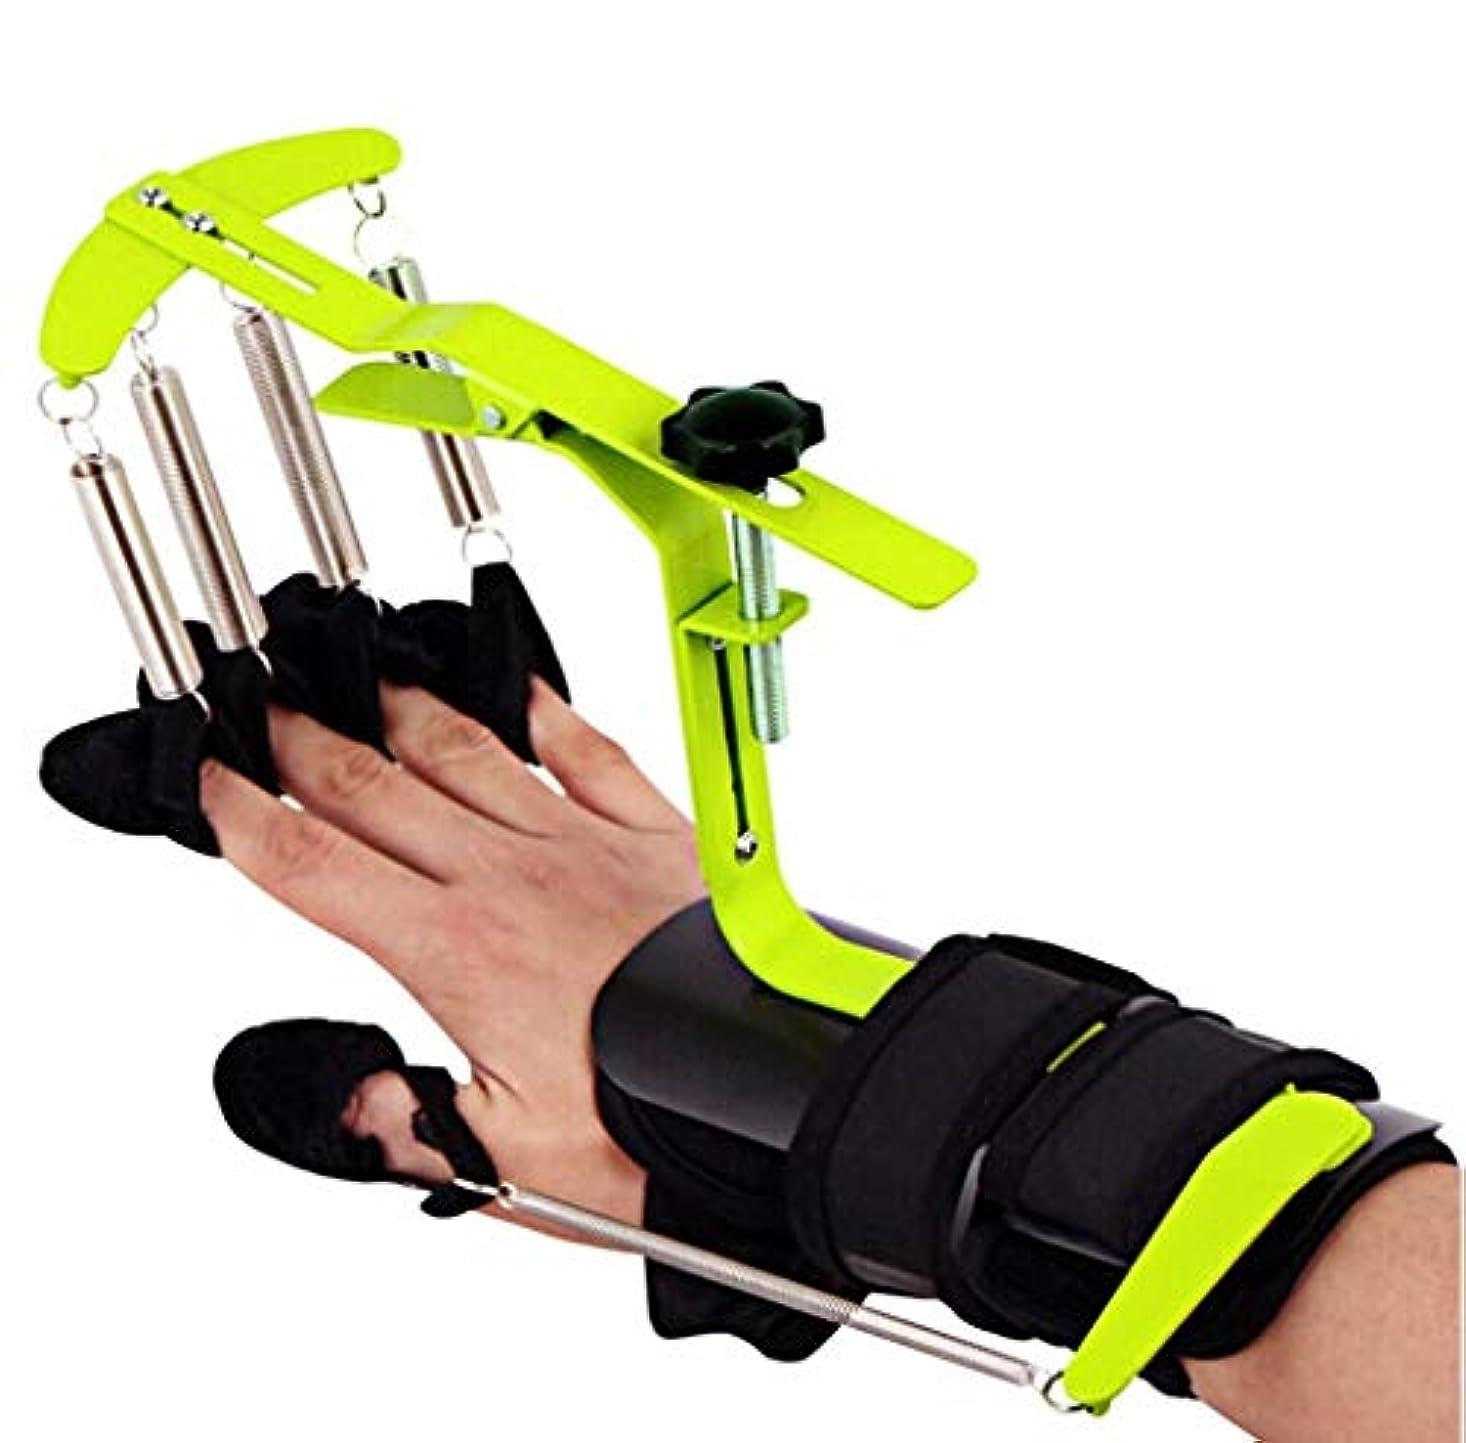 修理可能復活選出する指エクササイザー トレーニング機器ブレースボード 別々の親指 手首サポートハンド機能 片麻痺の脳性麻痺麻痺リハビリテーション